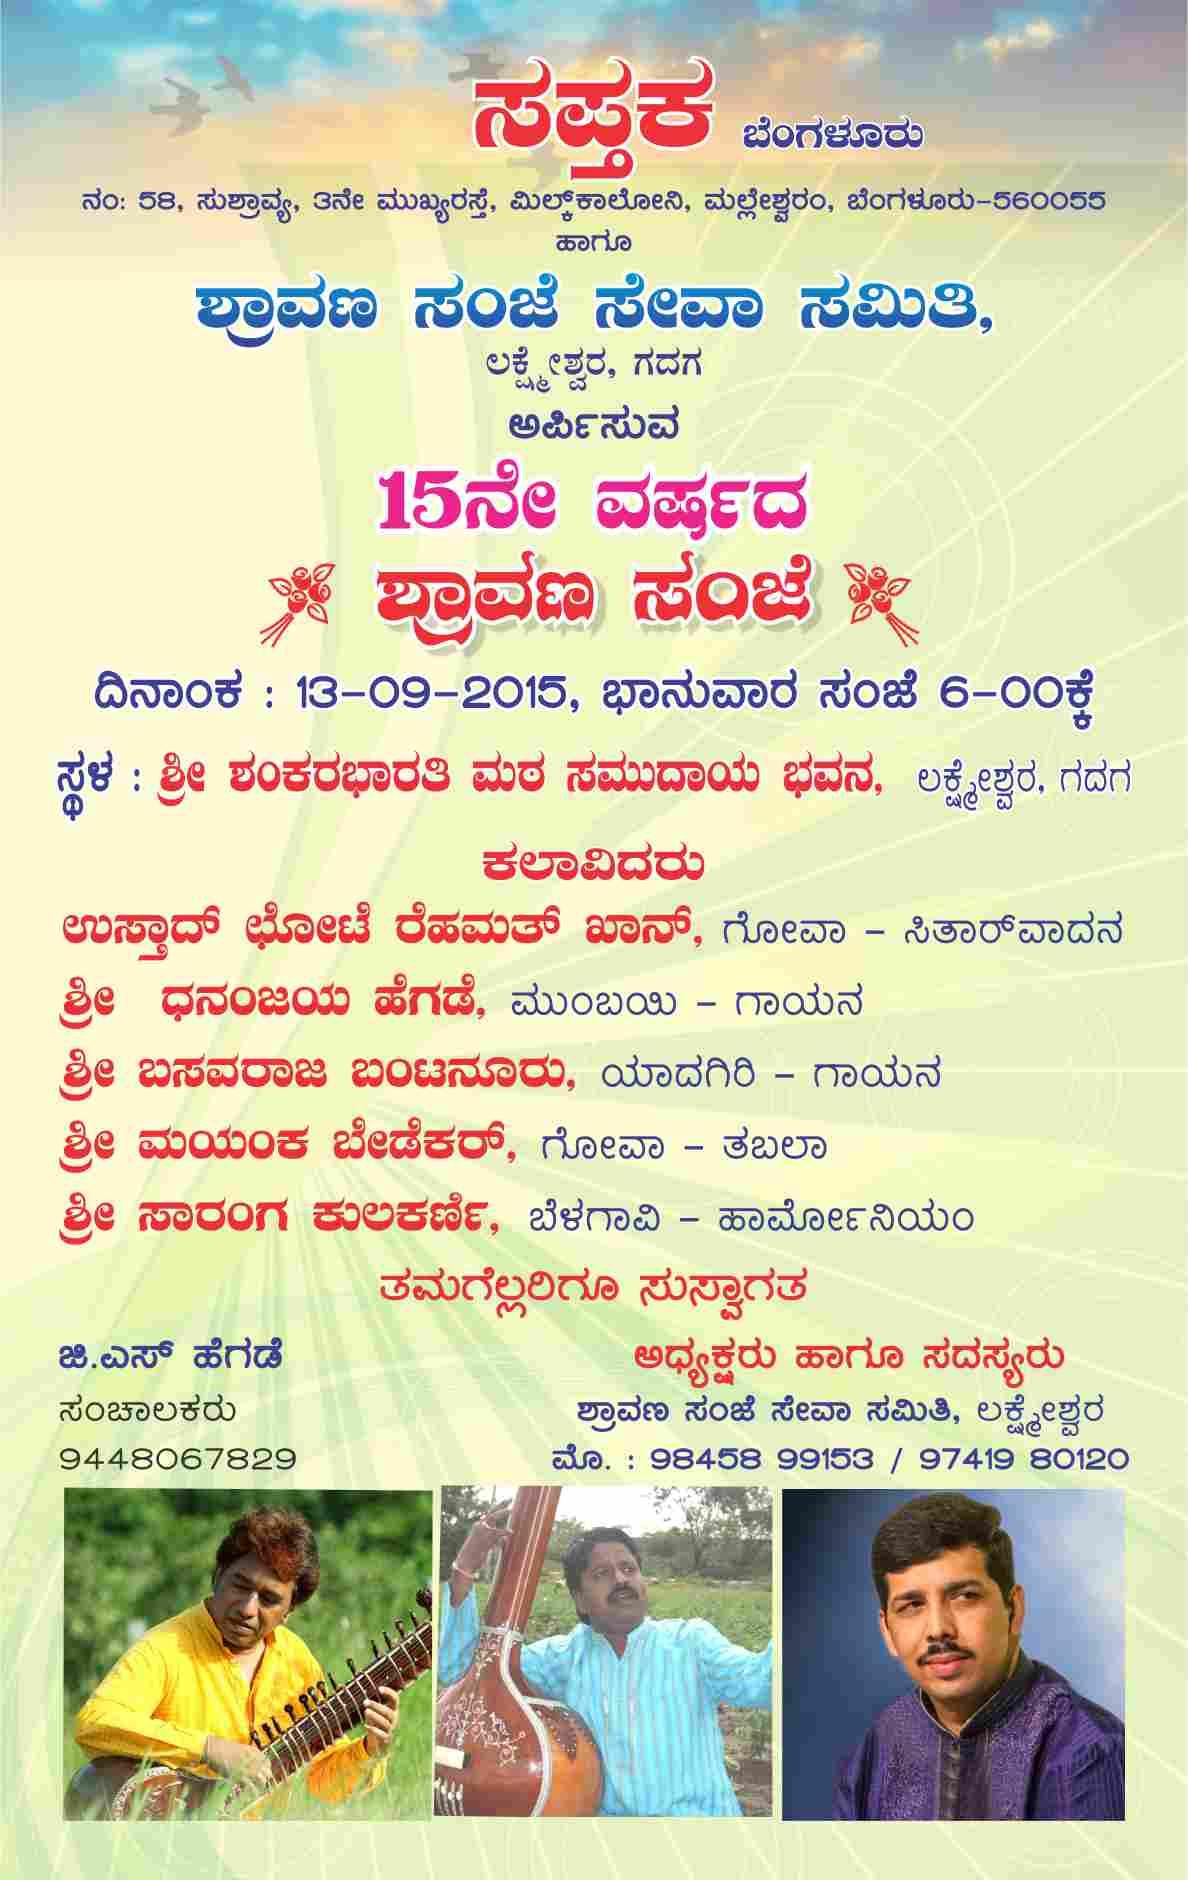 13-9-2015 Lakshmeshwara.jpg